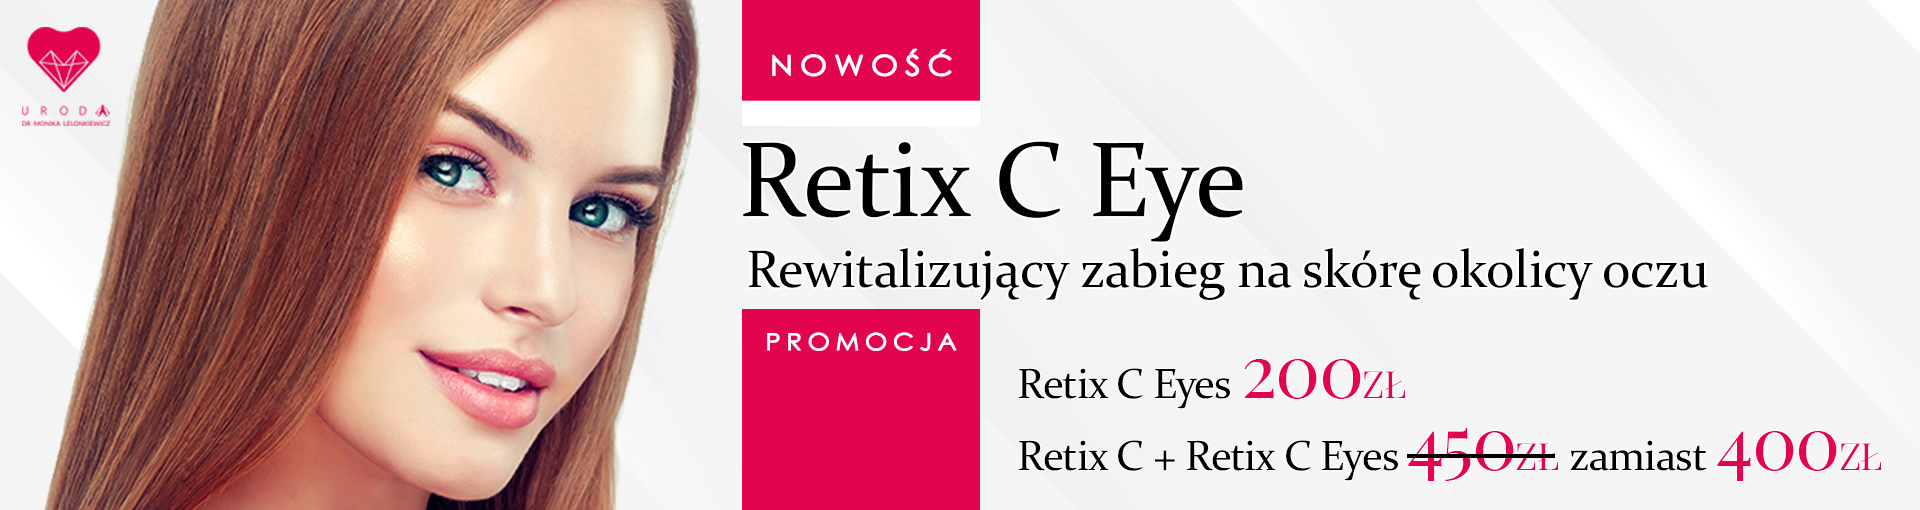 Promocja Retix C Eye – Oczy zwierciadłem wieku